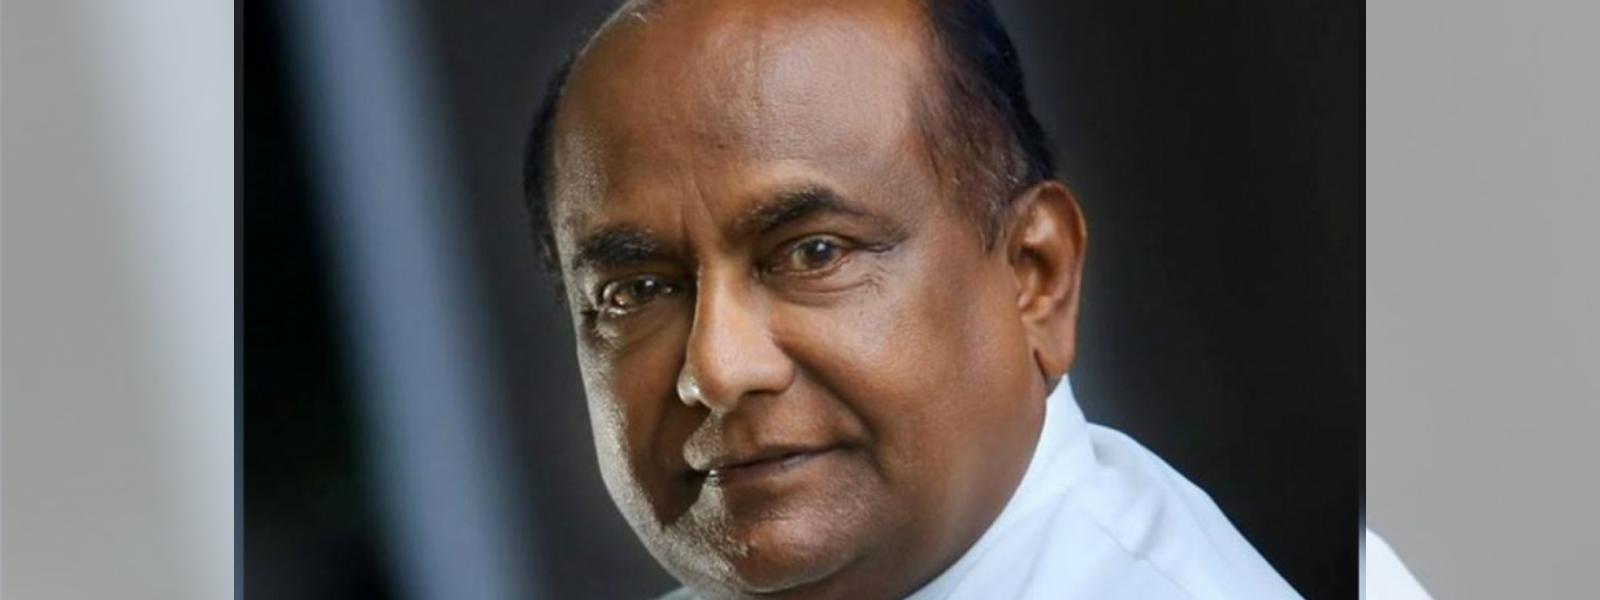 Final decision on Ranjan's seat in three weeks – Speaker